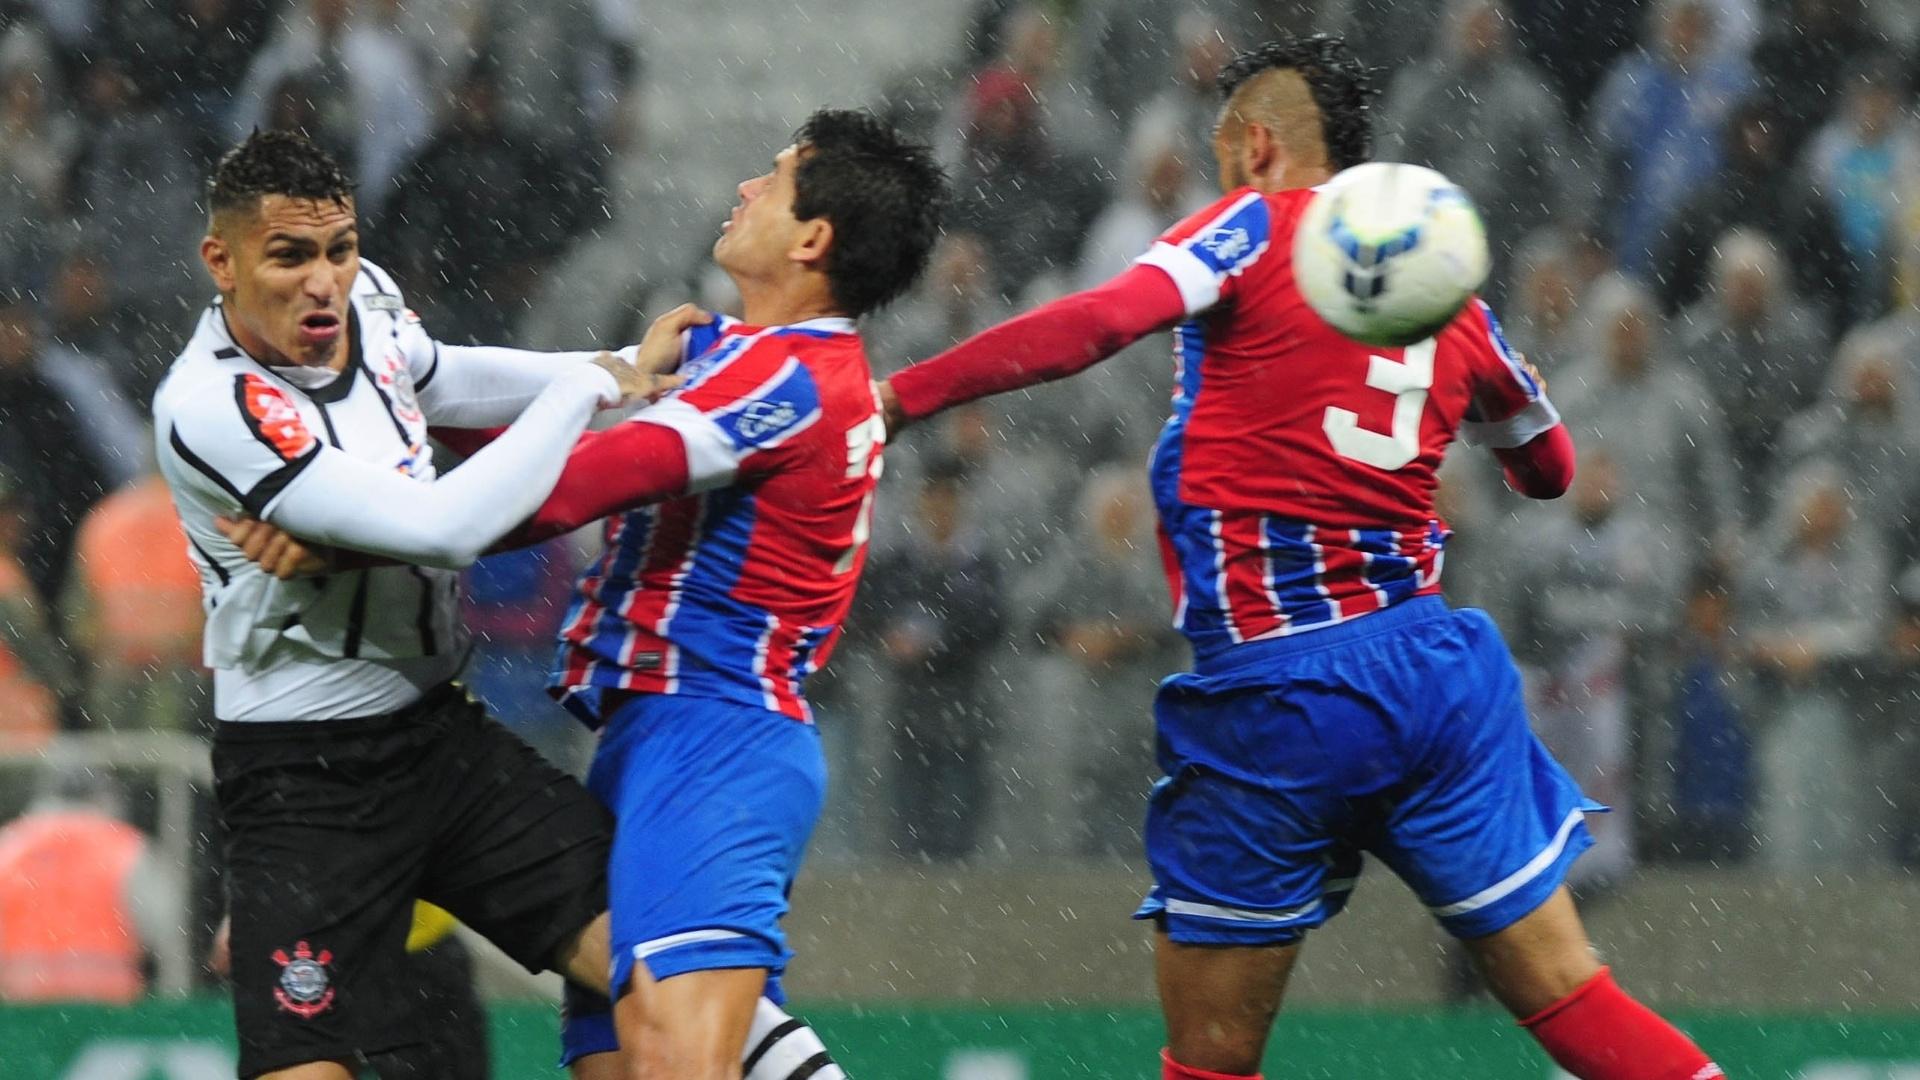 16.ago.2014 - Jogadores de Corinthians e Bahia disputam bola pelo alto durante jogo no Itaquerão